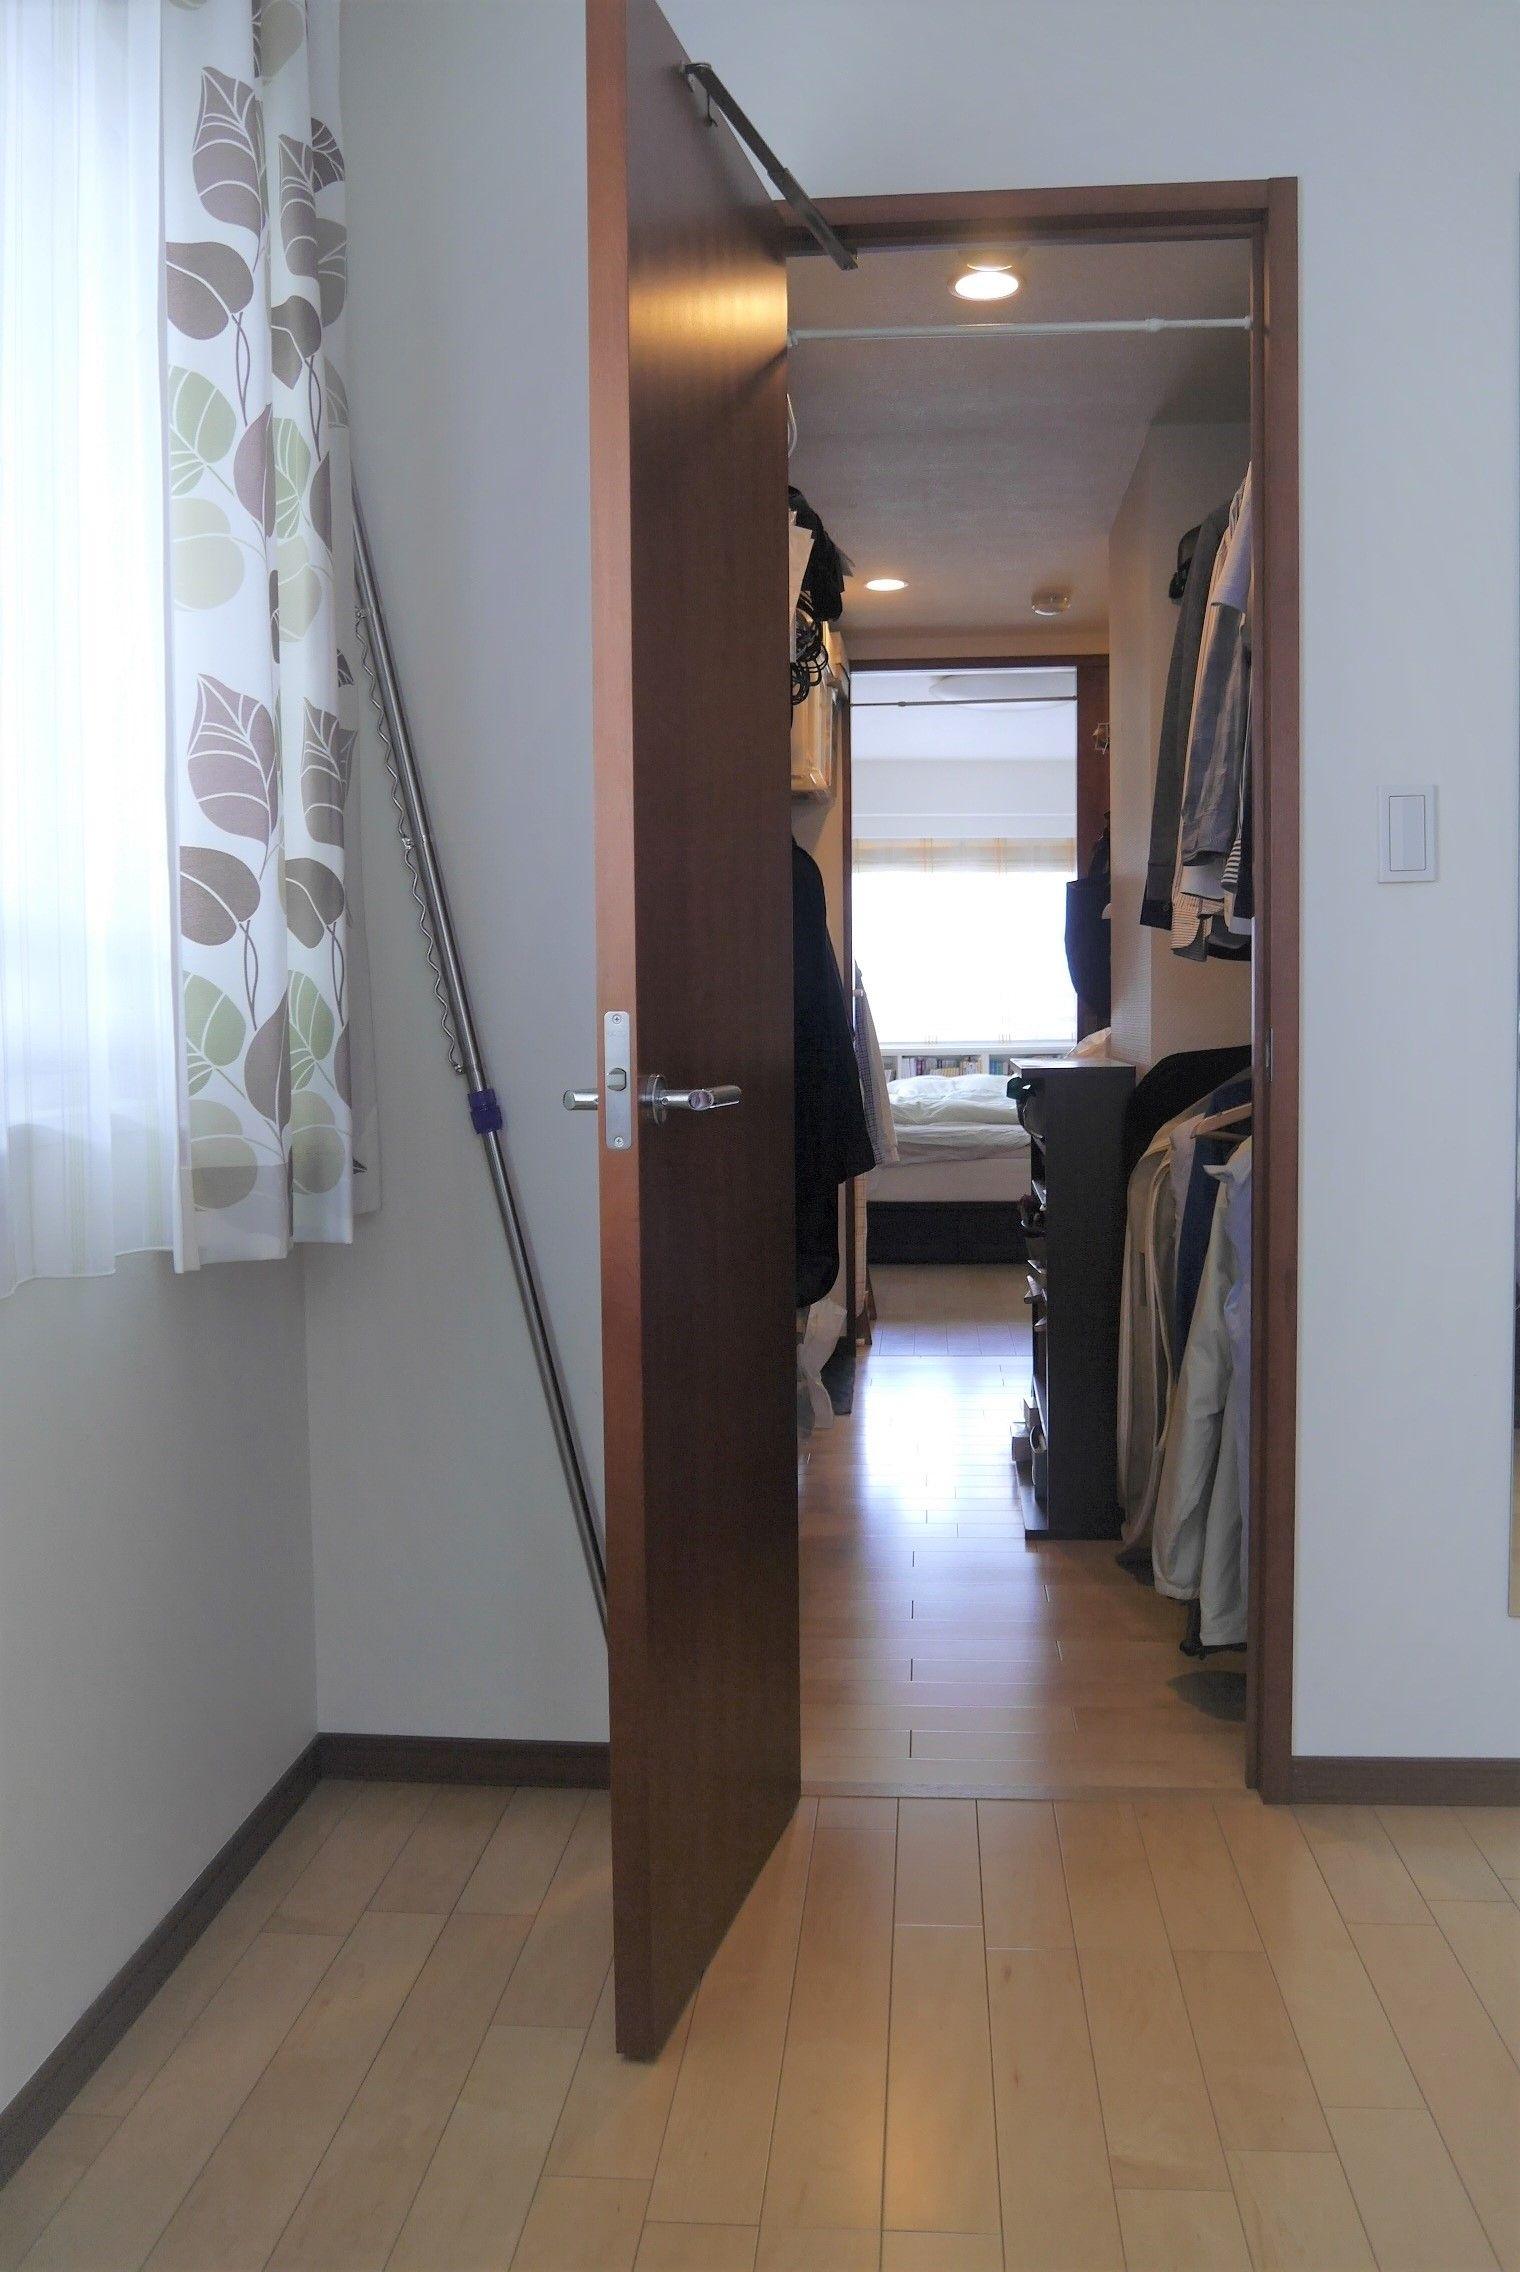 ブラーバジェットm6_開放ドア